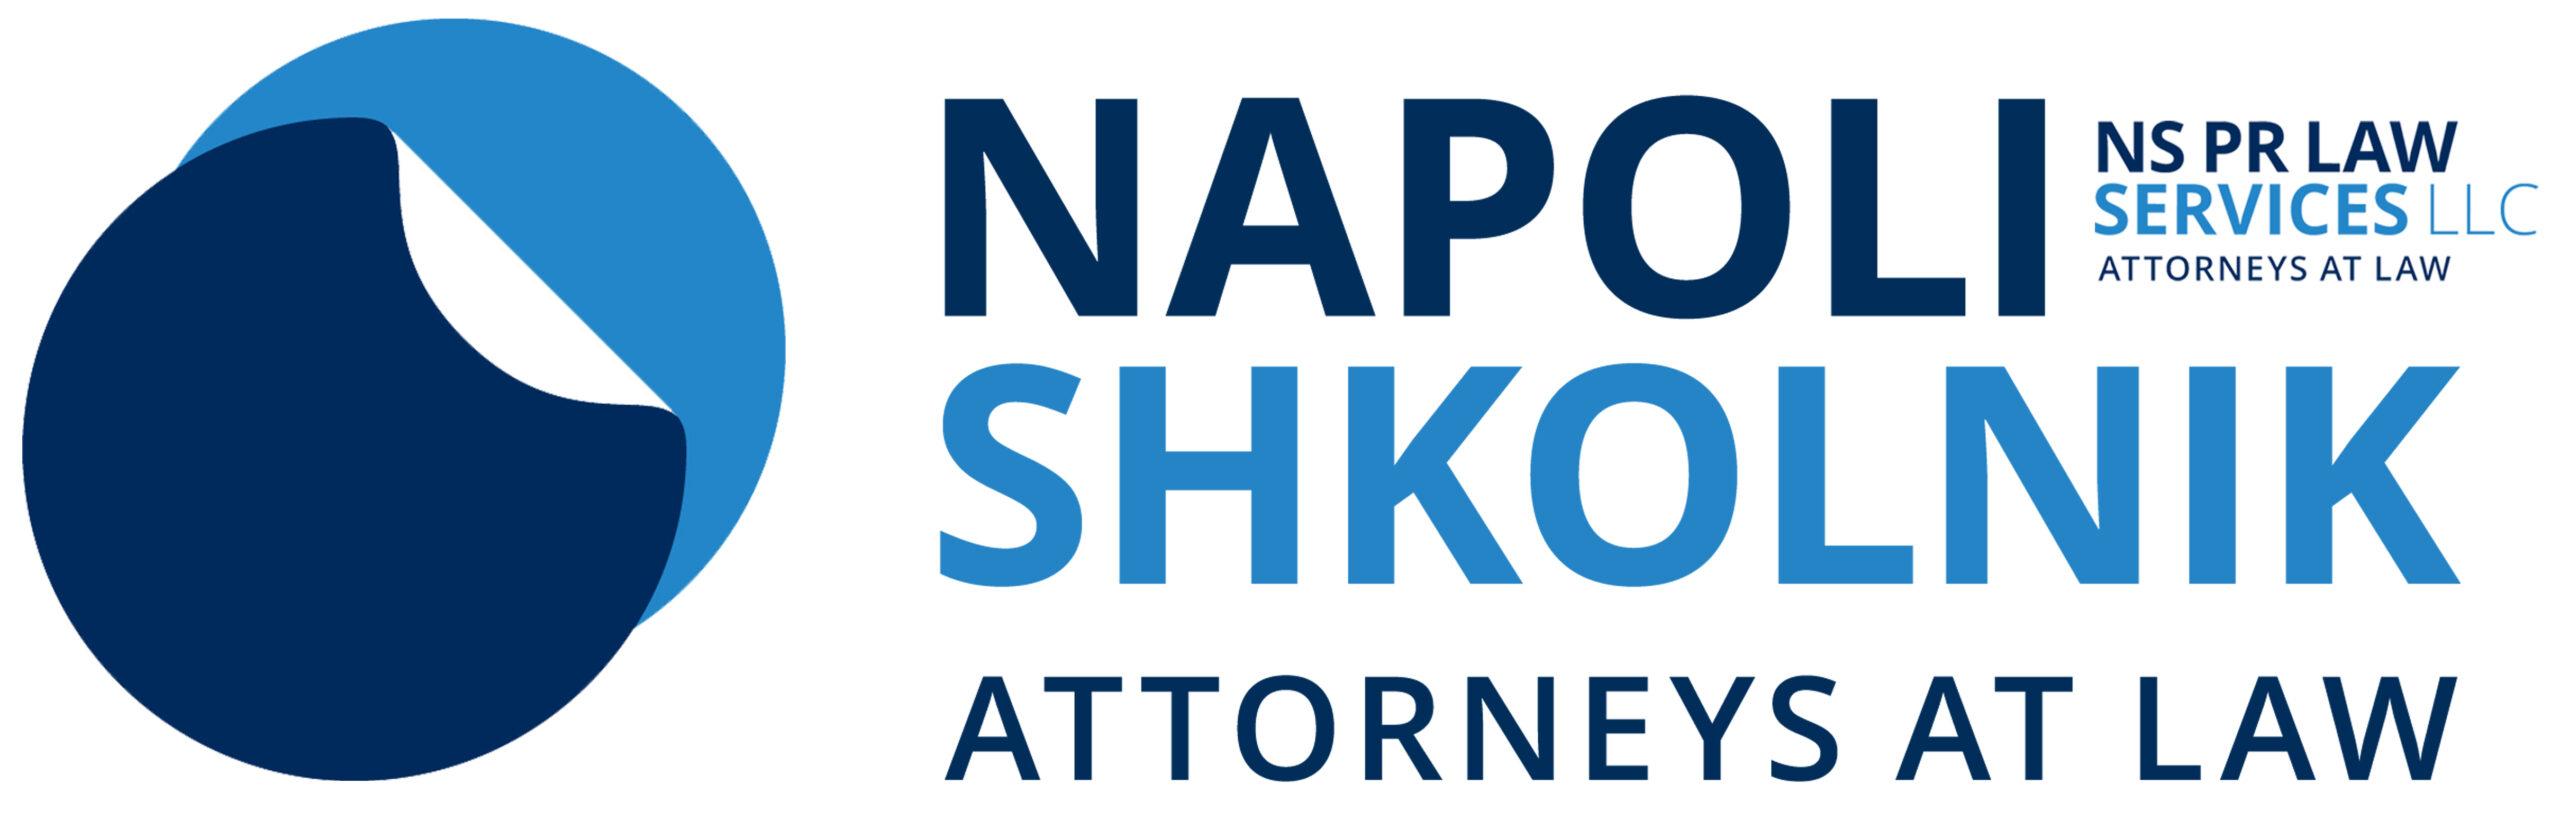 NSPR Law Services, LLC